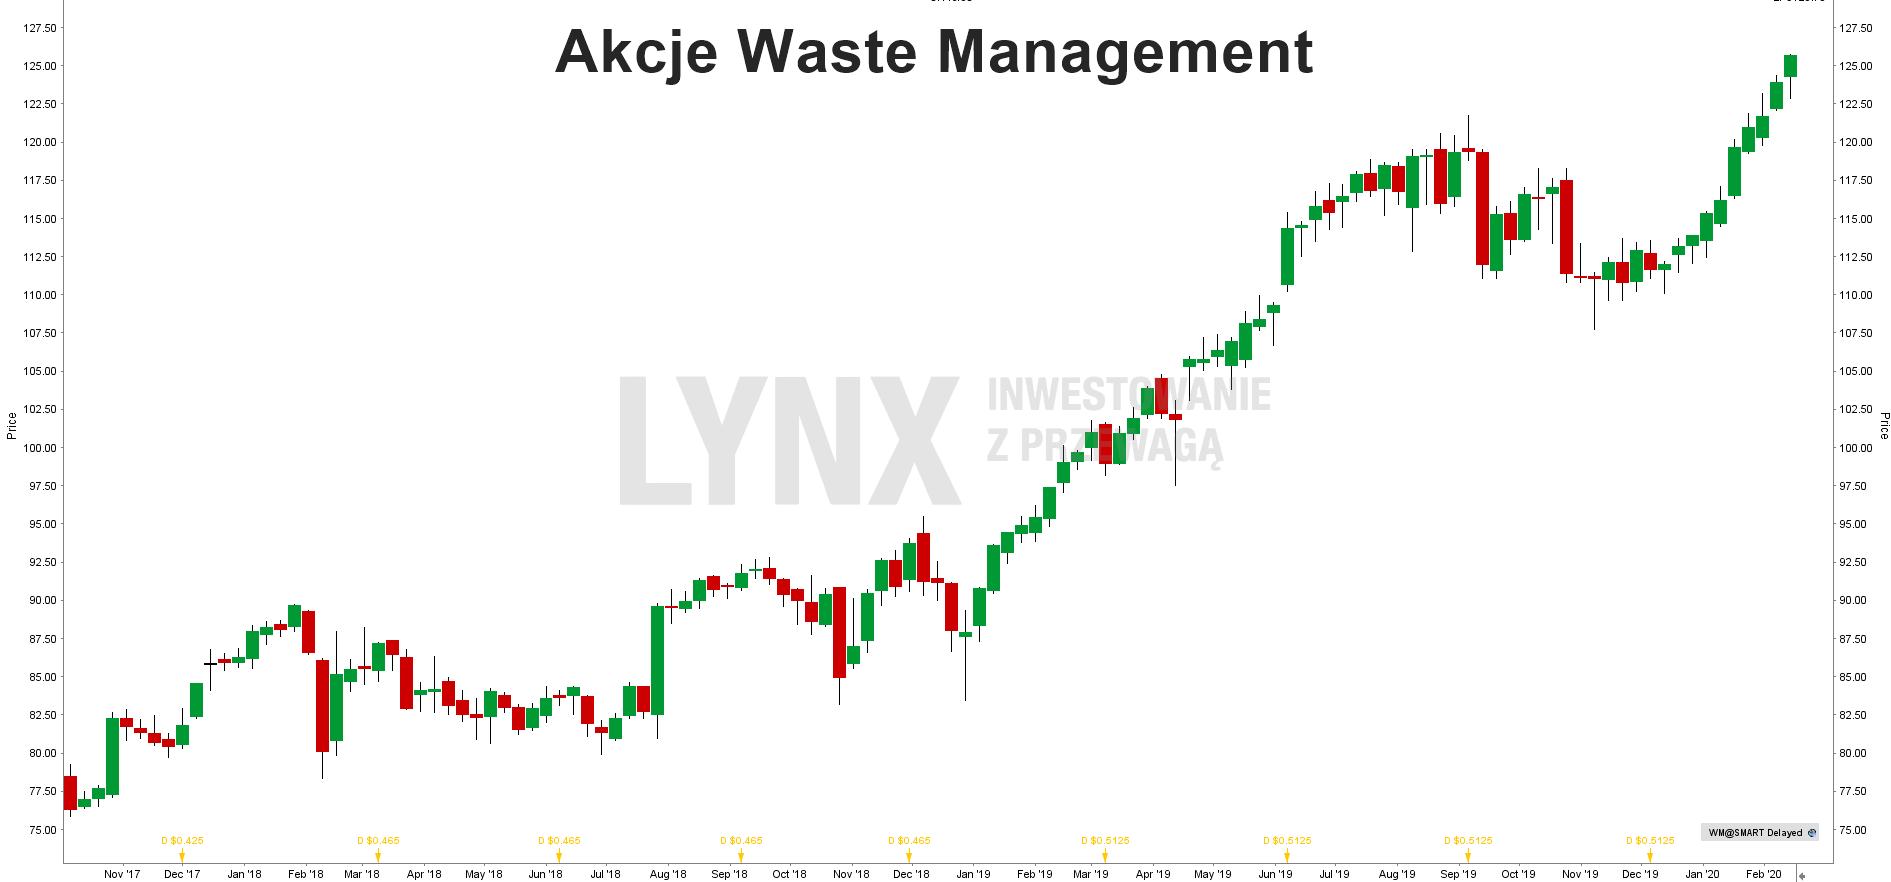 Akcje Waste Management